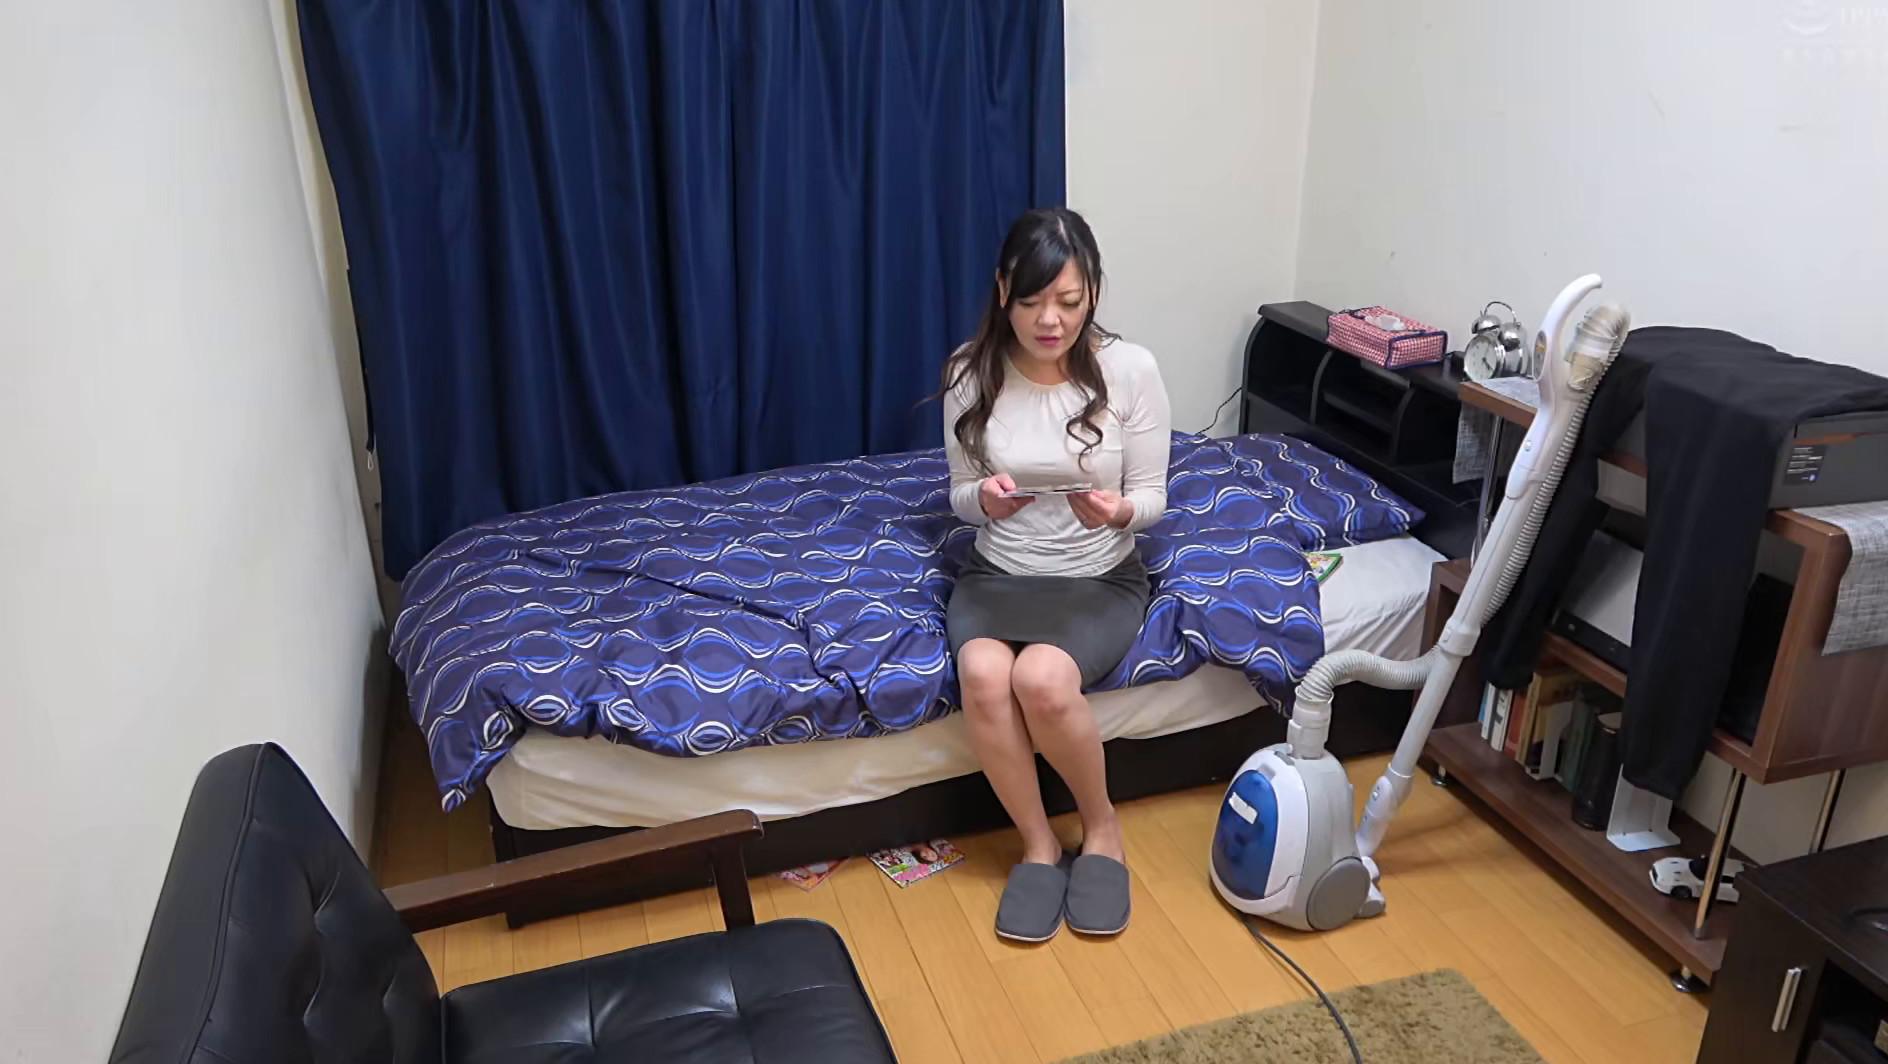 息子の部屋でエロ本を見つけてオナニーする母 画像18